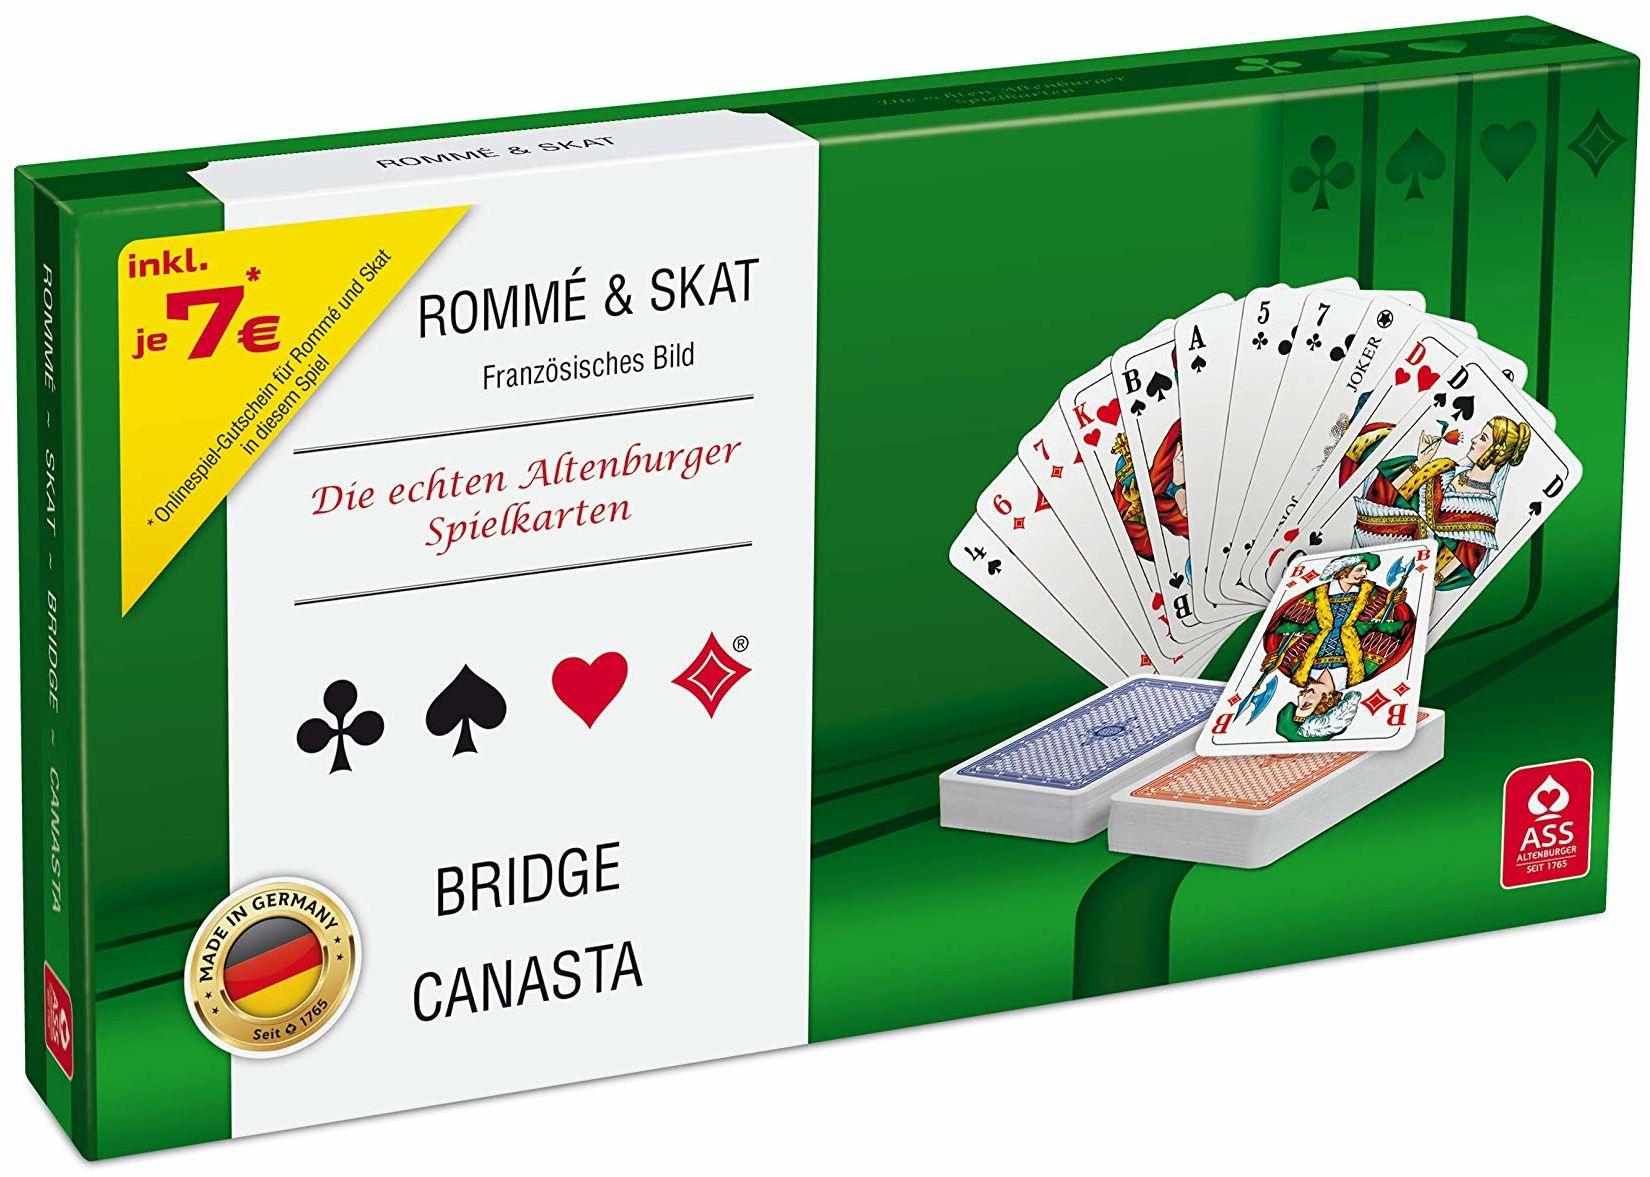 ASS Altenburger 22570188 kasetka na karty do gry  obraz francuski, w przyjaznym dla środowiska pudełku do gry Rommé, Skat, Bridge Canasta